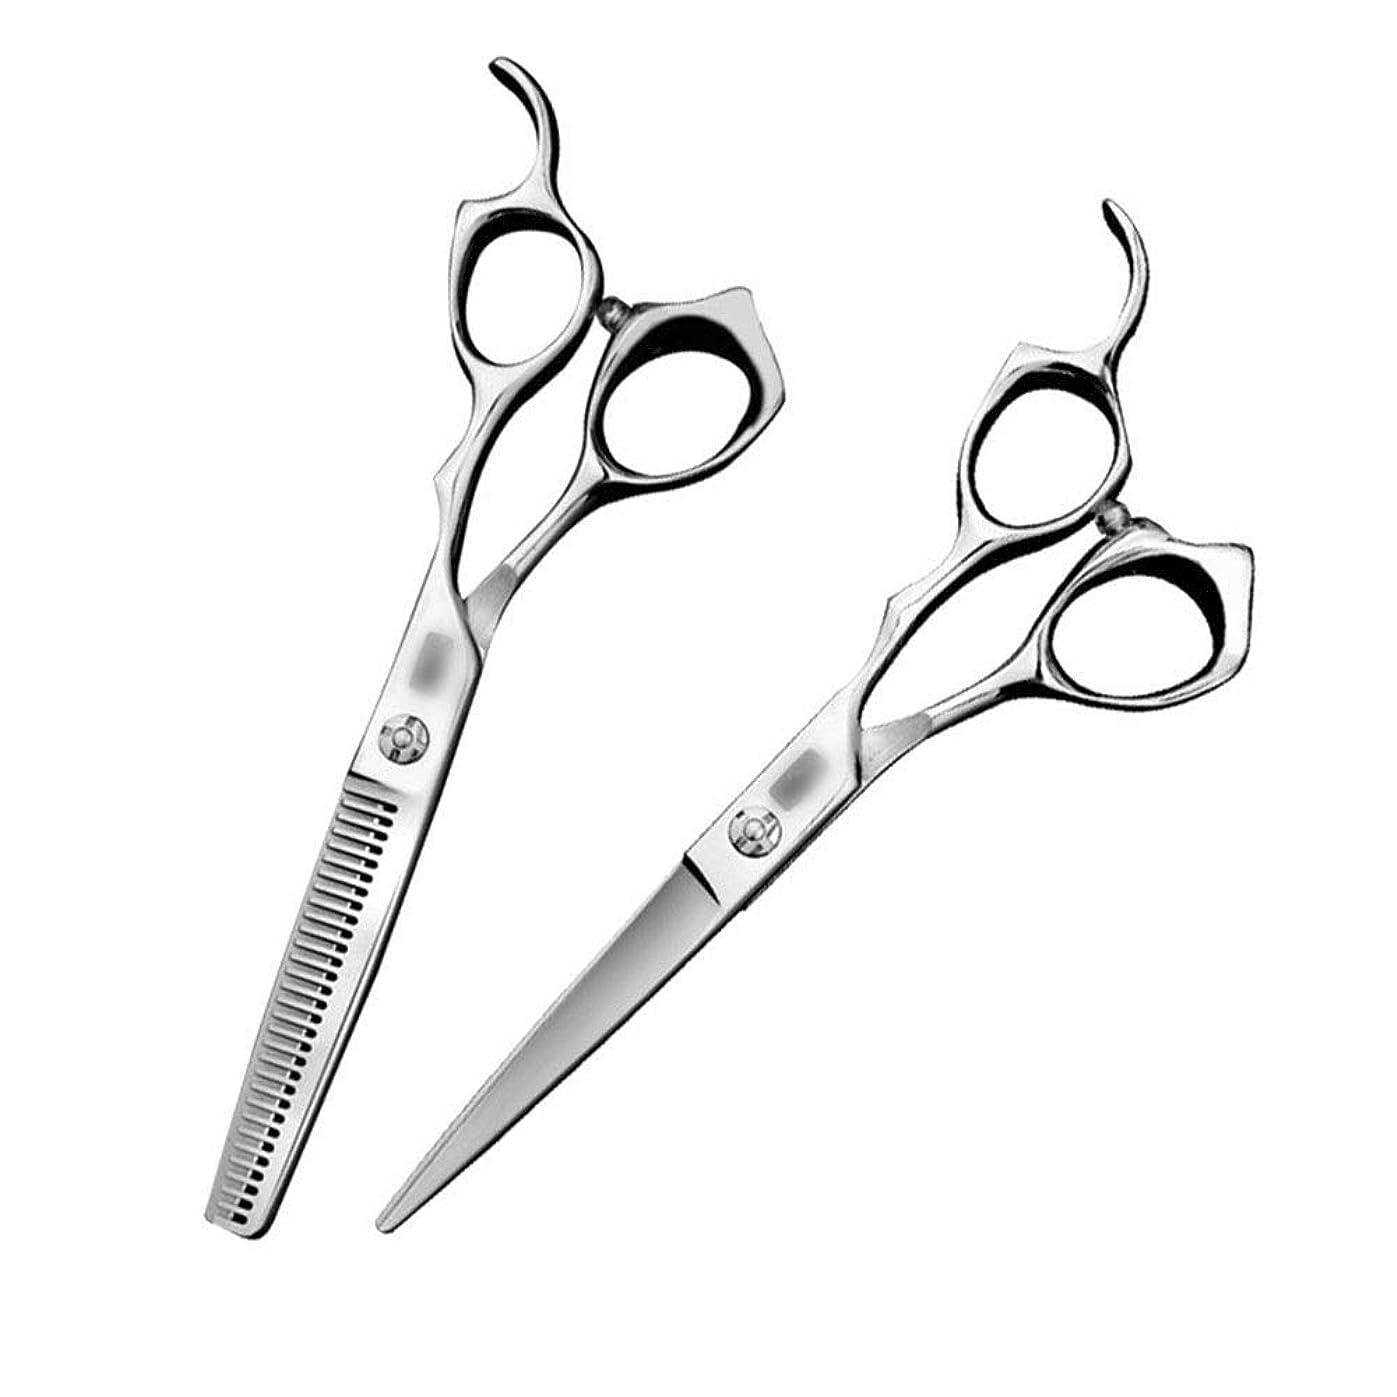 長さ比較的迷彩6インチ美容院プロフェッショナルハイエンド理髪はさみ散髪フラットはさみ+歯はさみツールセット モデリングツール (色 : Silver)